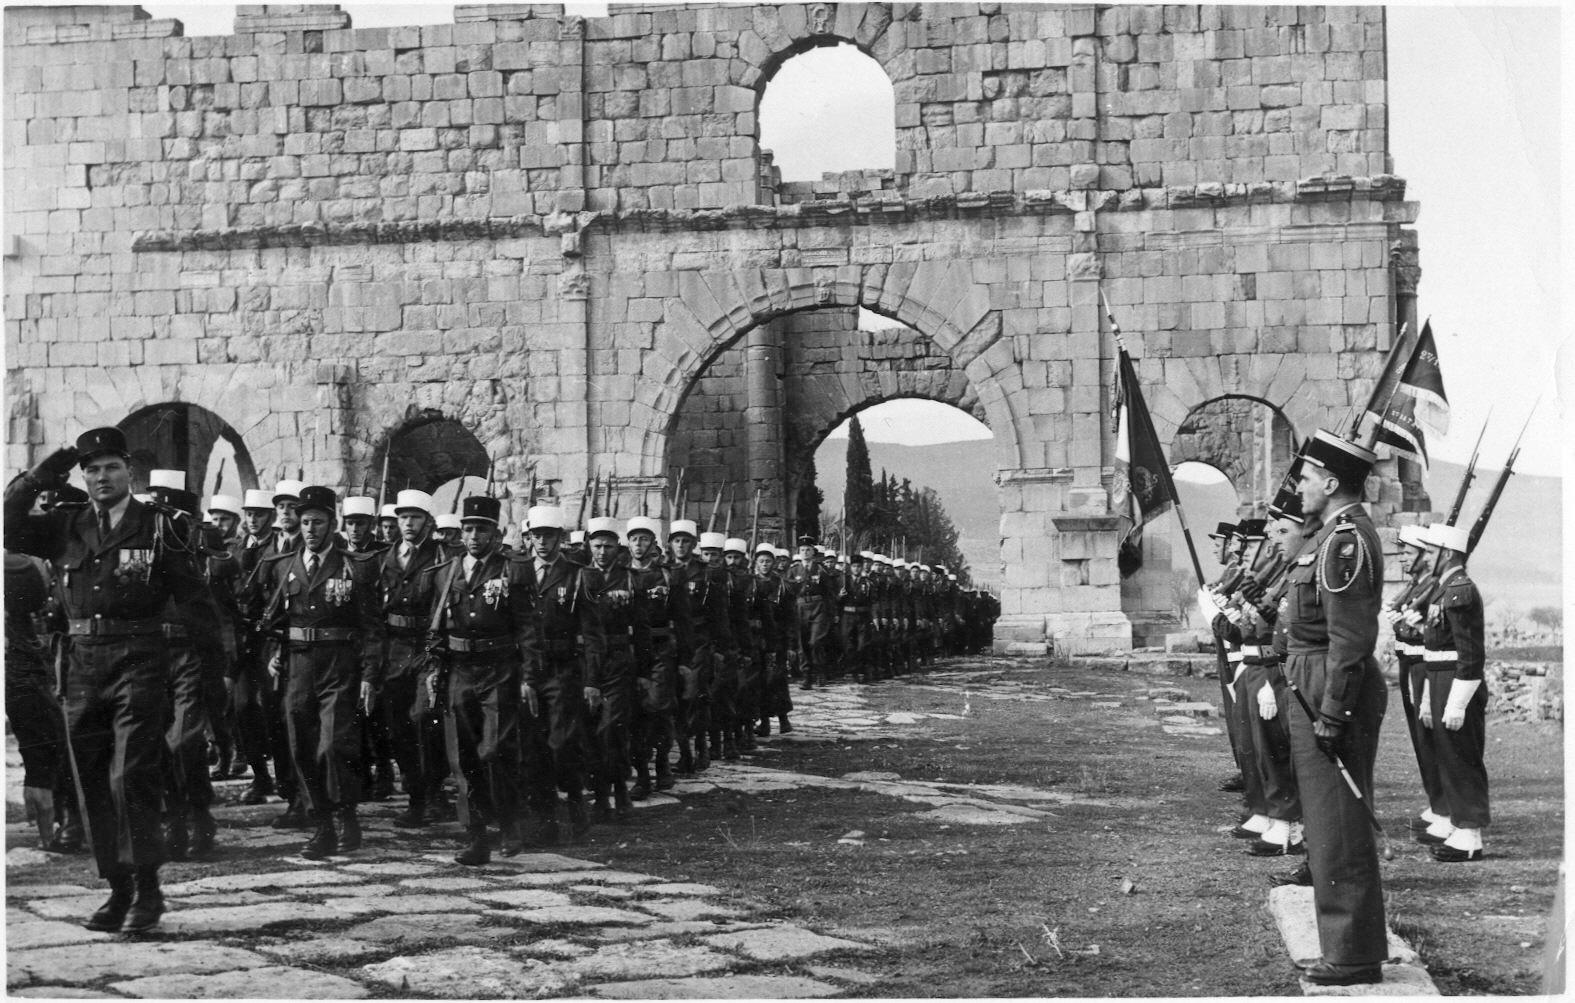 Legionnaires marching in Algeria